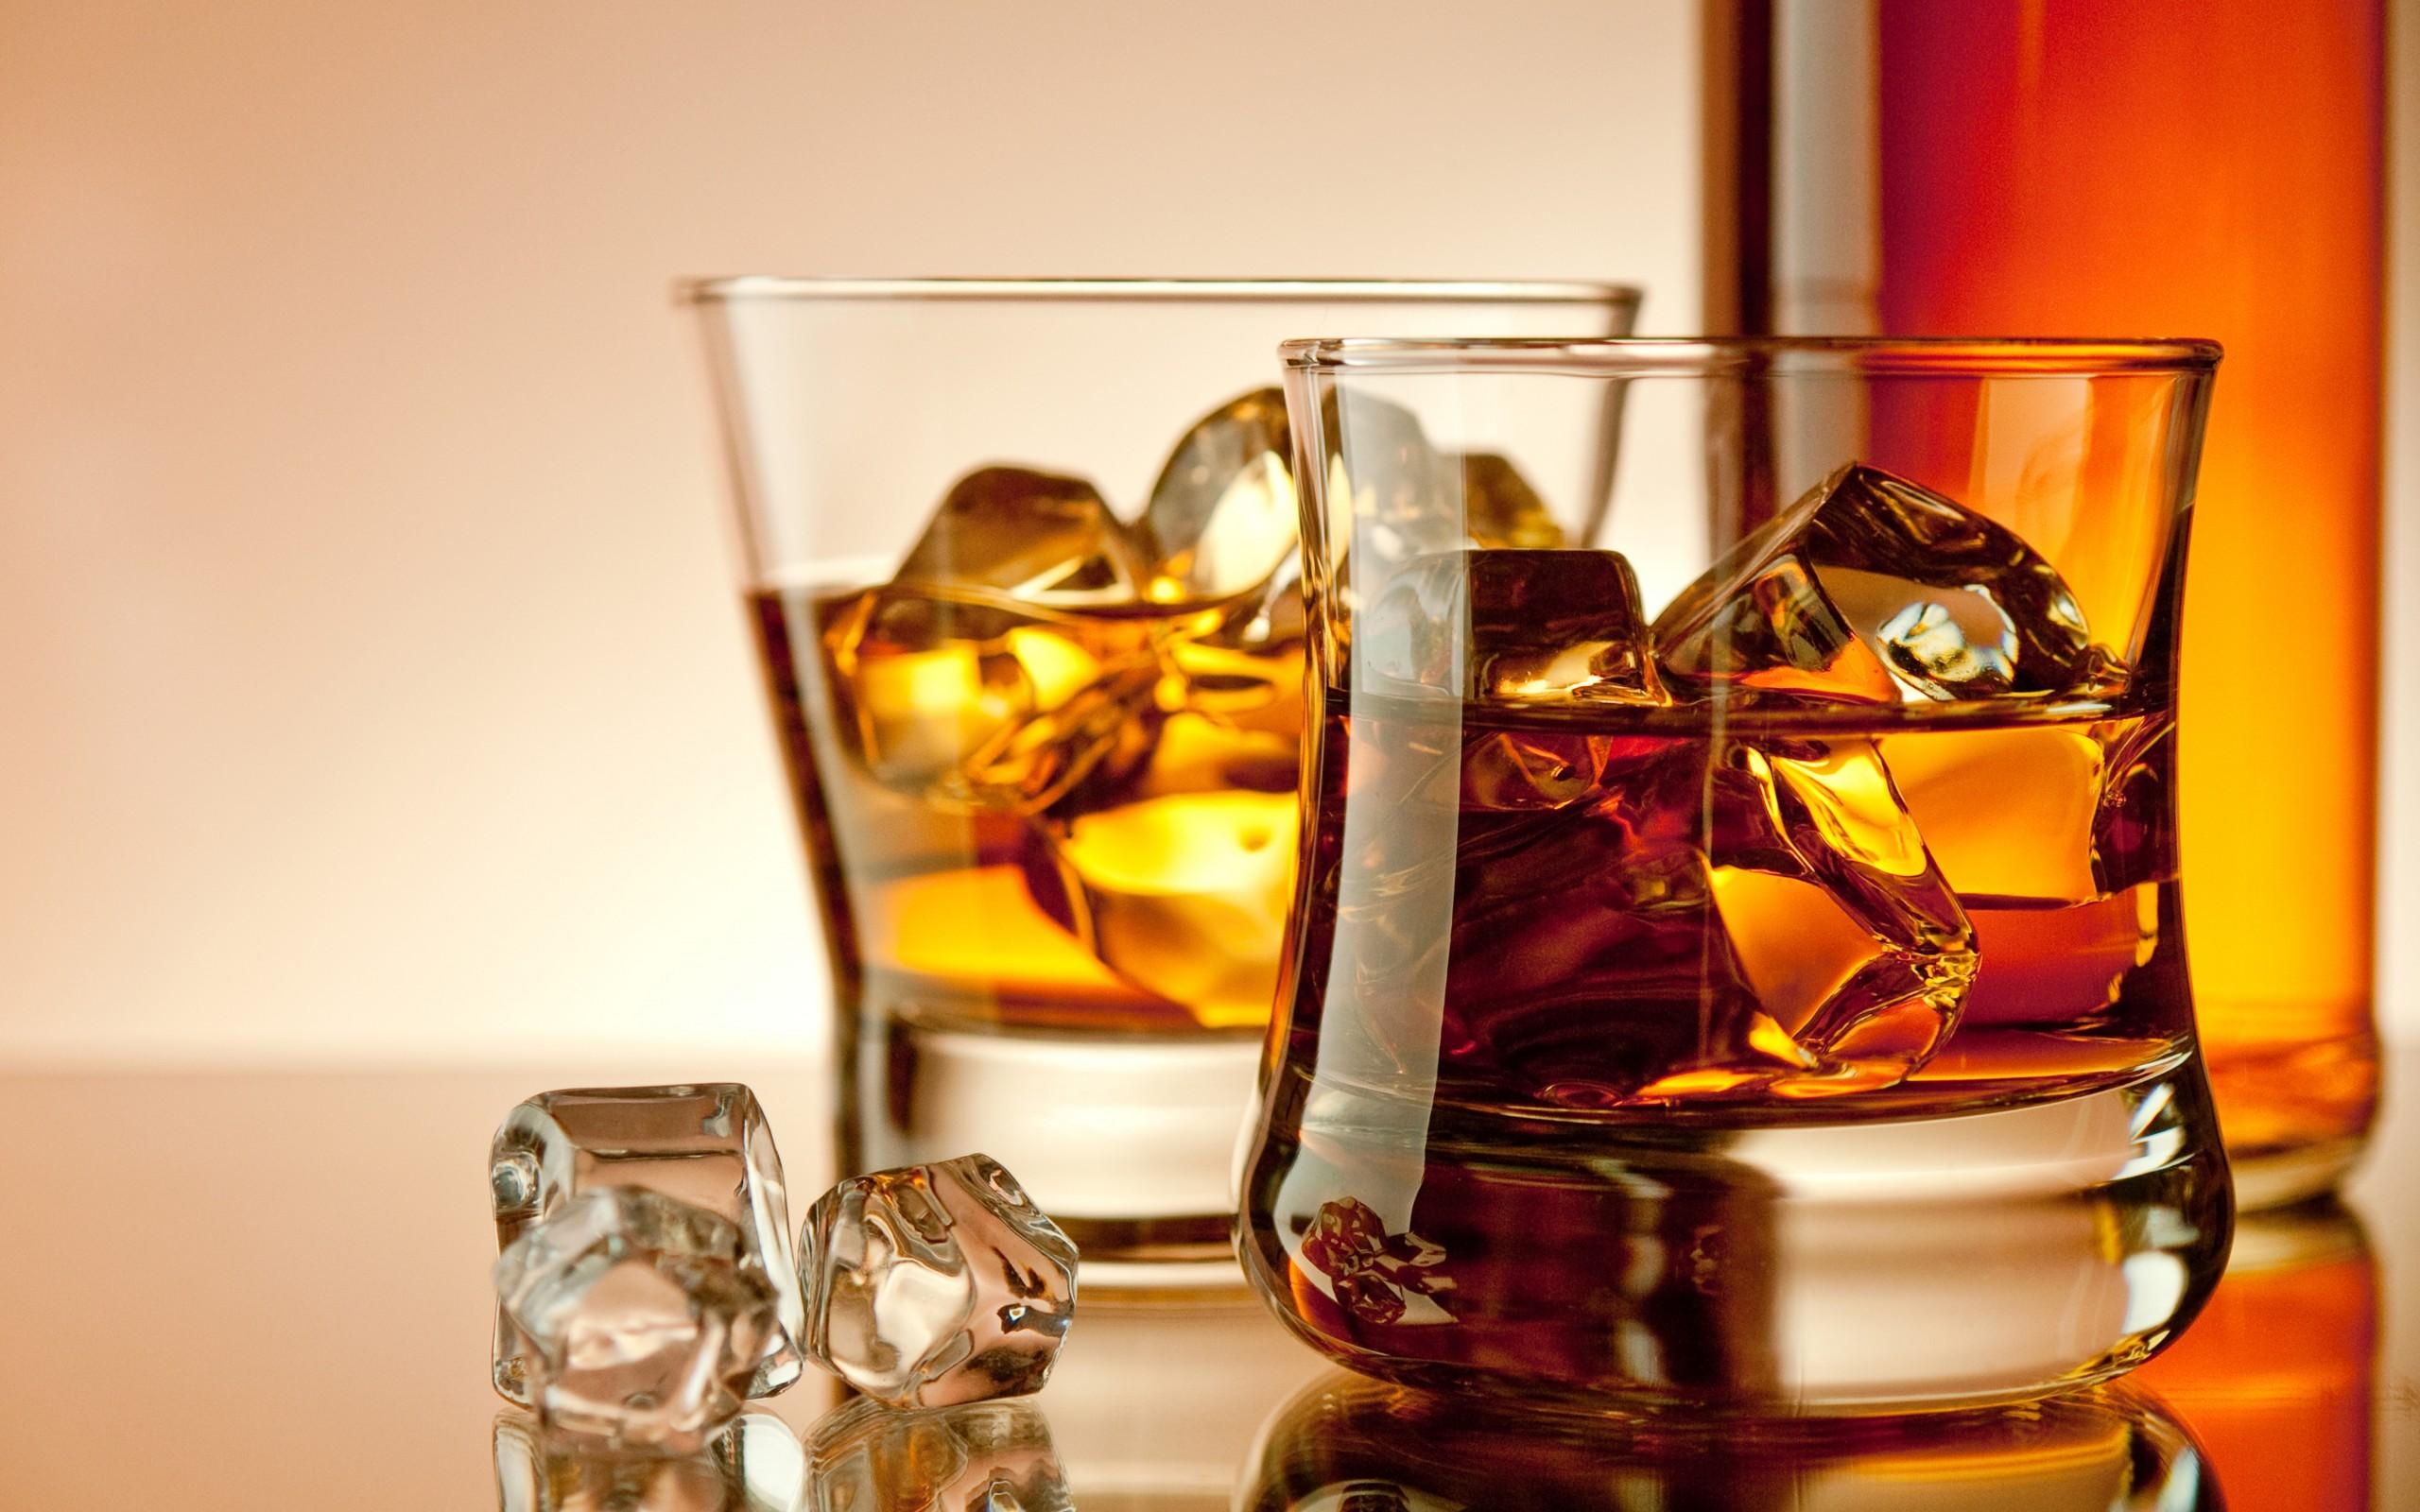 Некоторые сорта спиртного лучше пить охлажденными